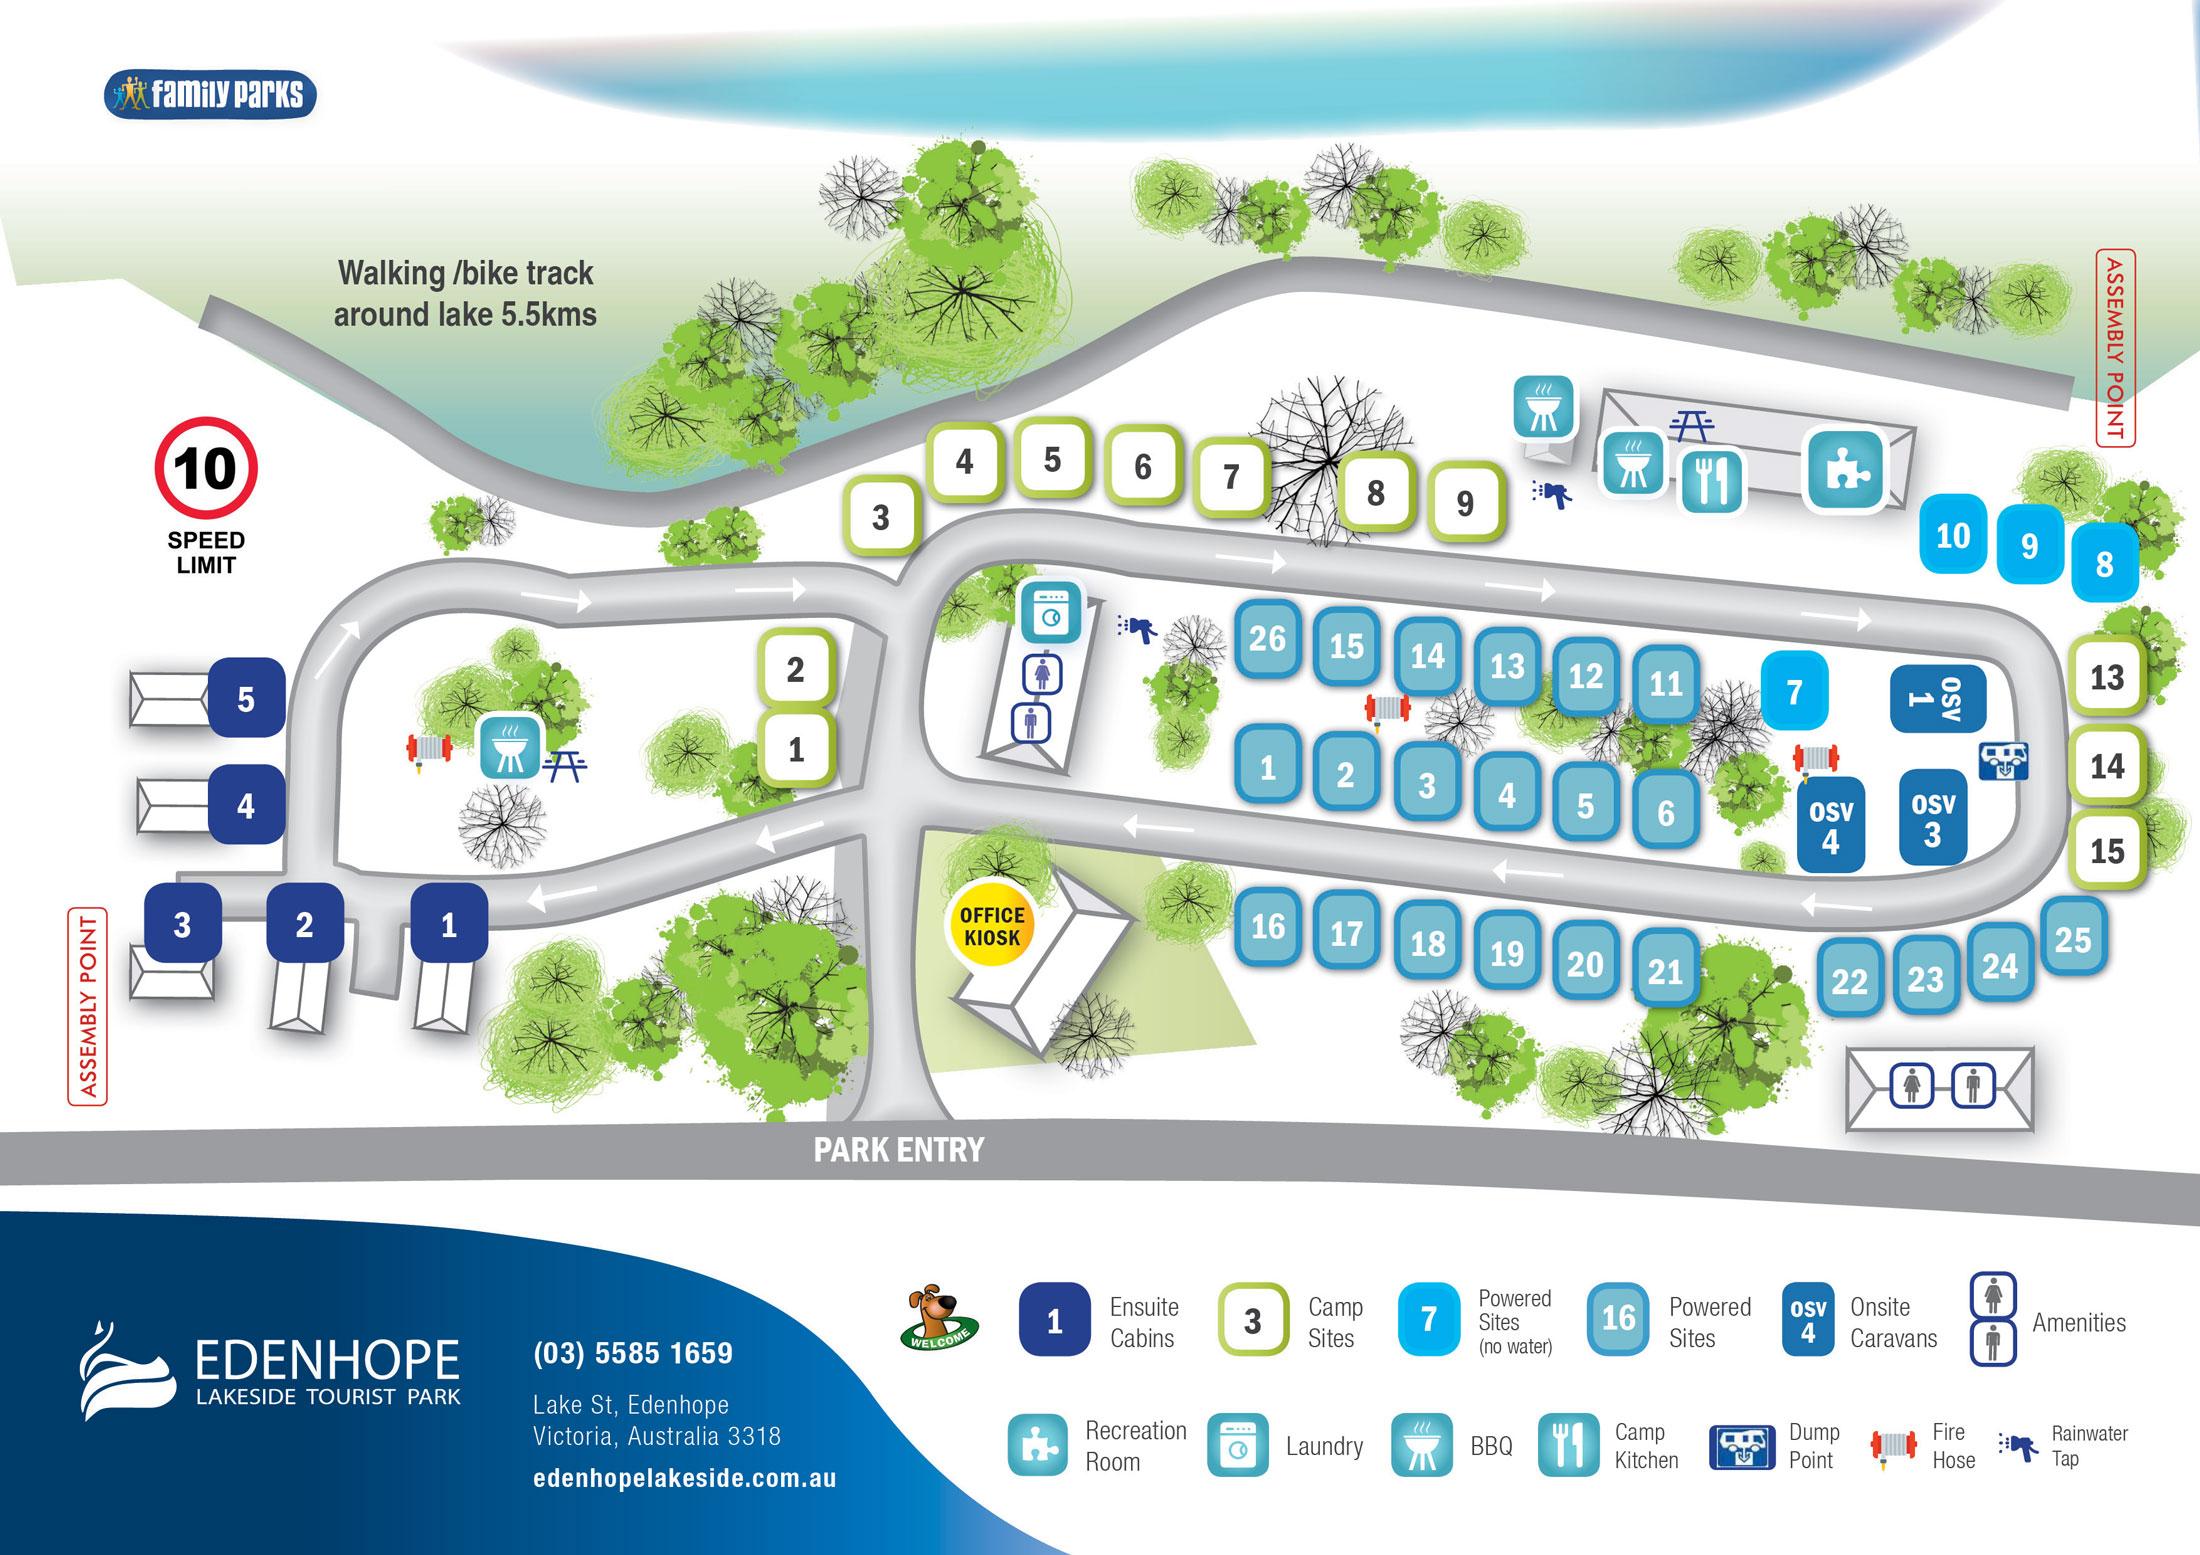 Edenhope Park Map